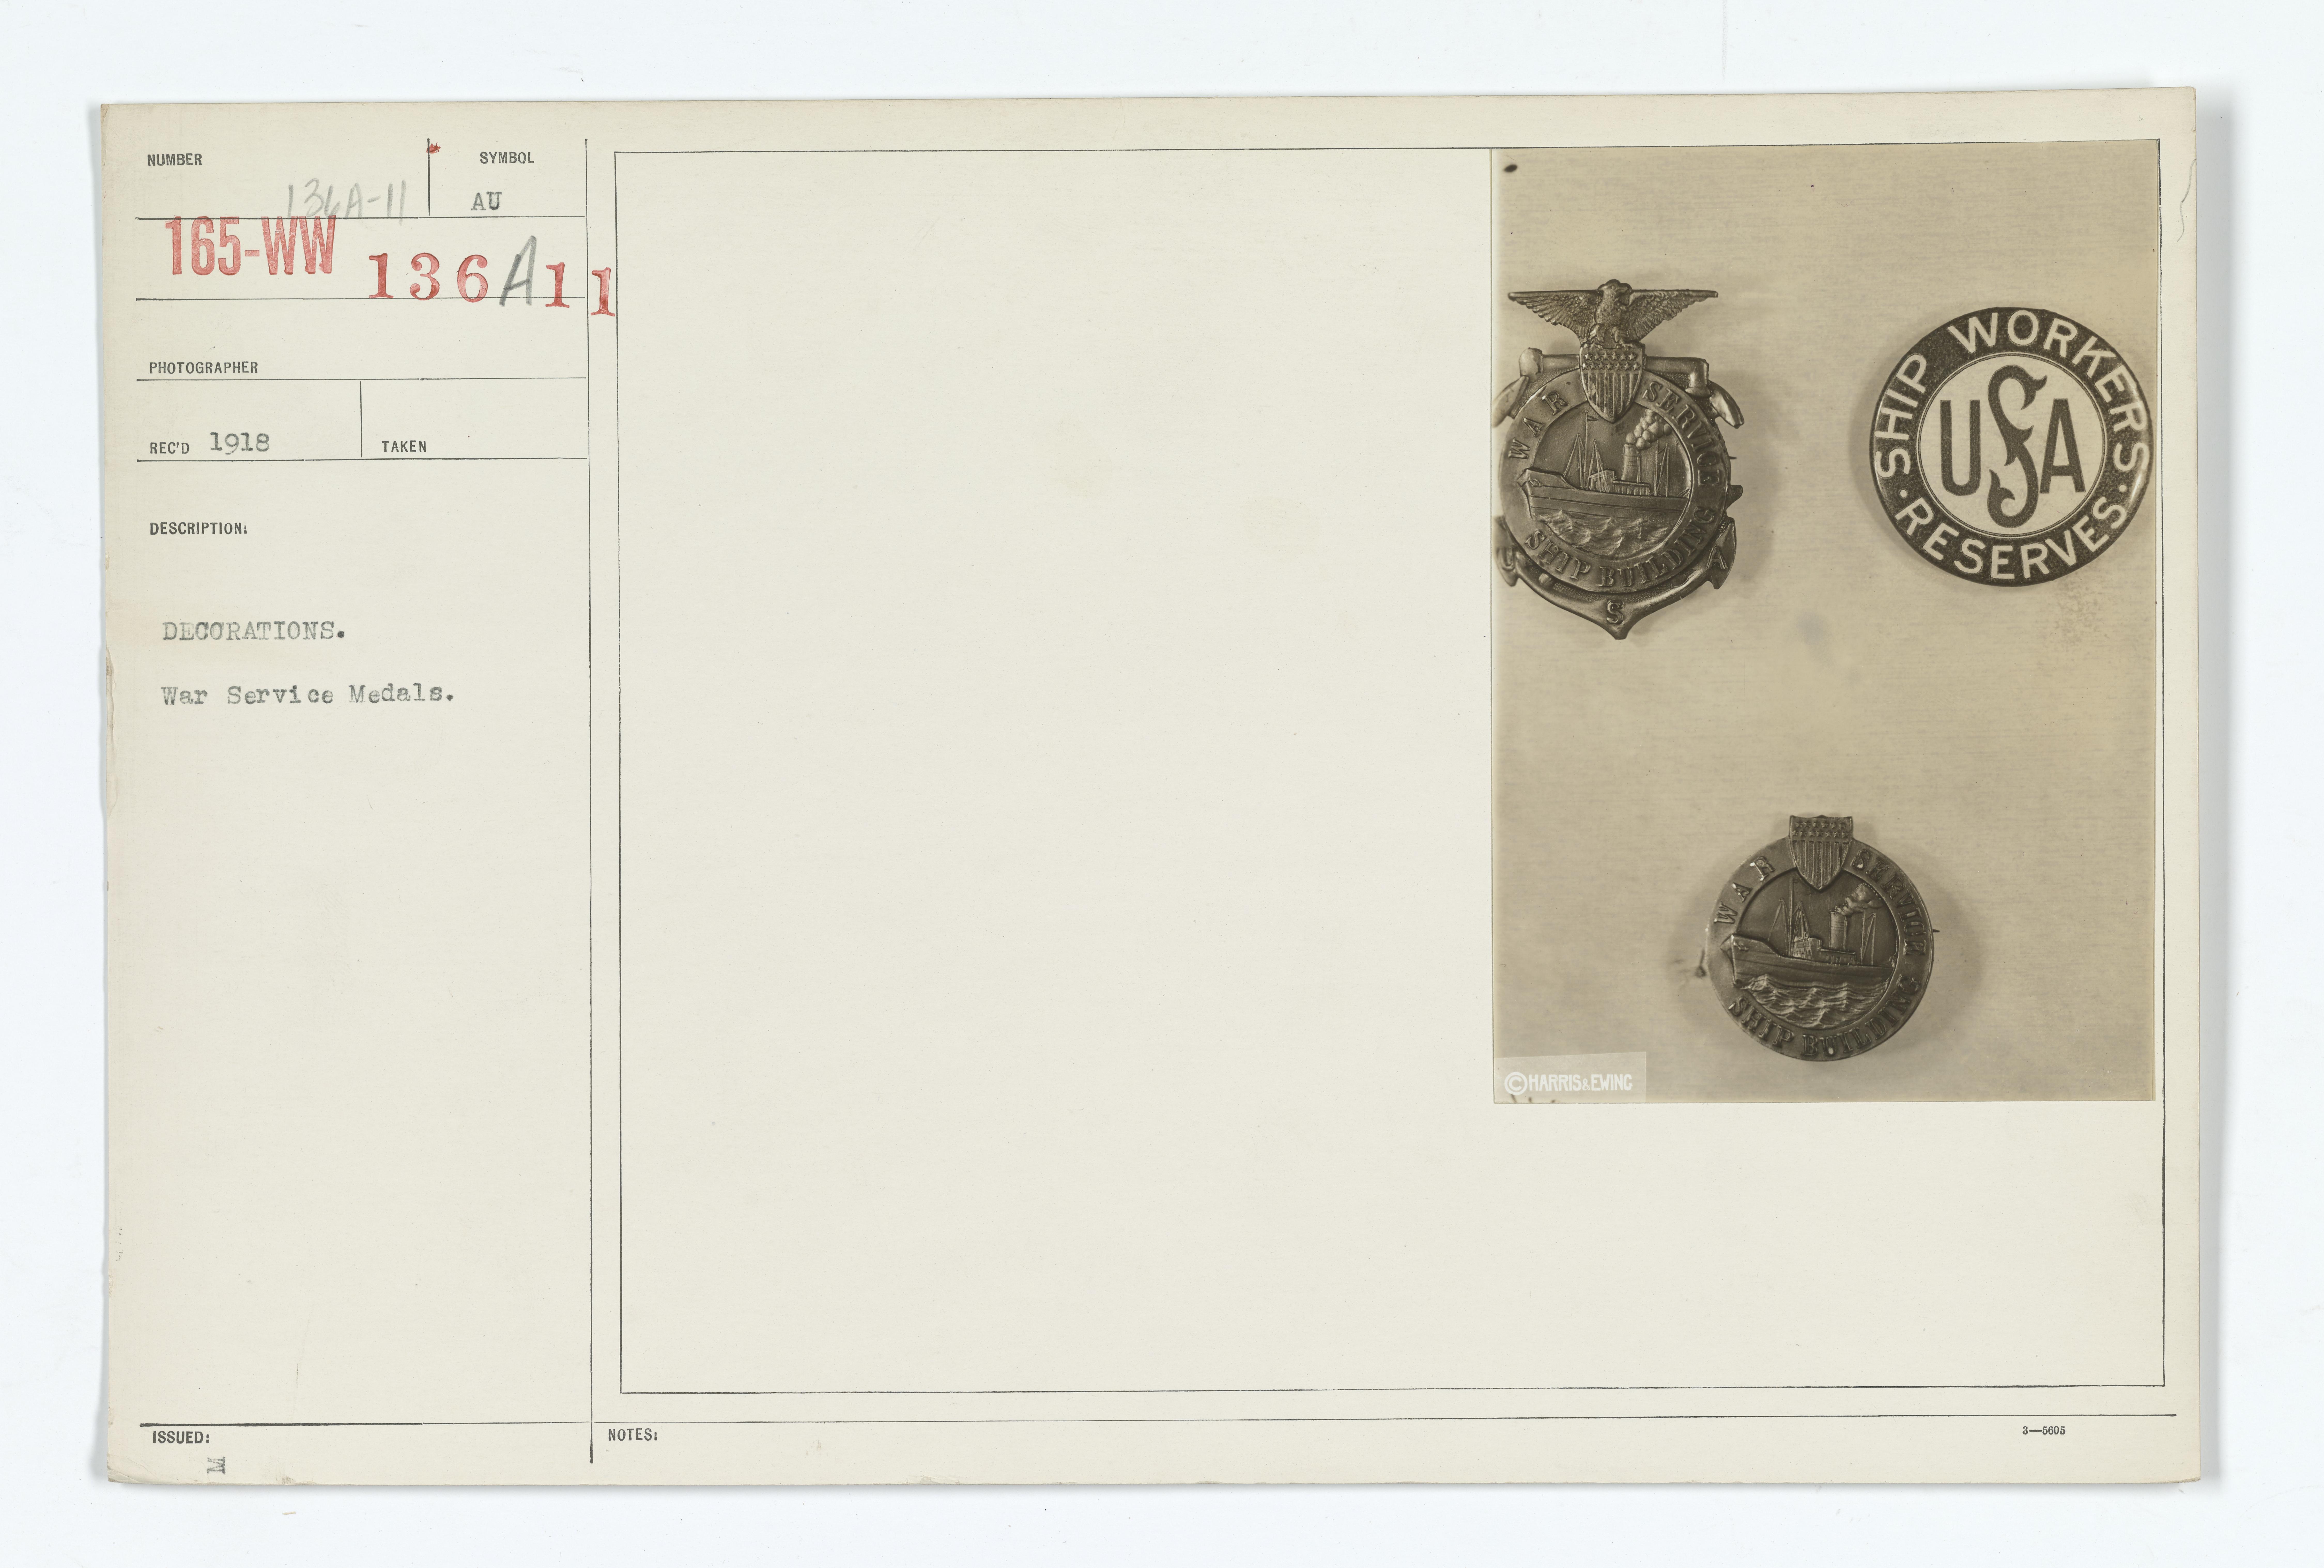 Decorations - Medals - American - Decorations. War Service Medals